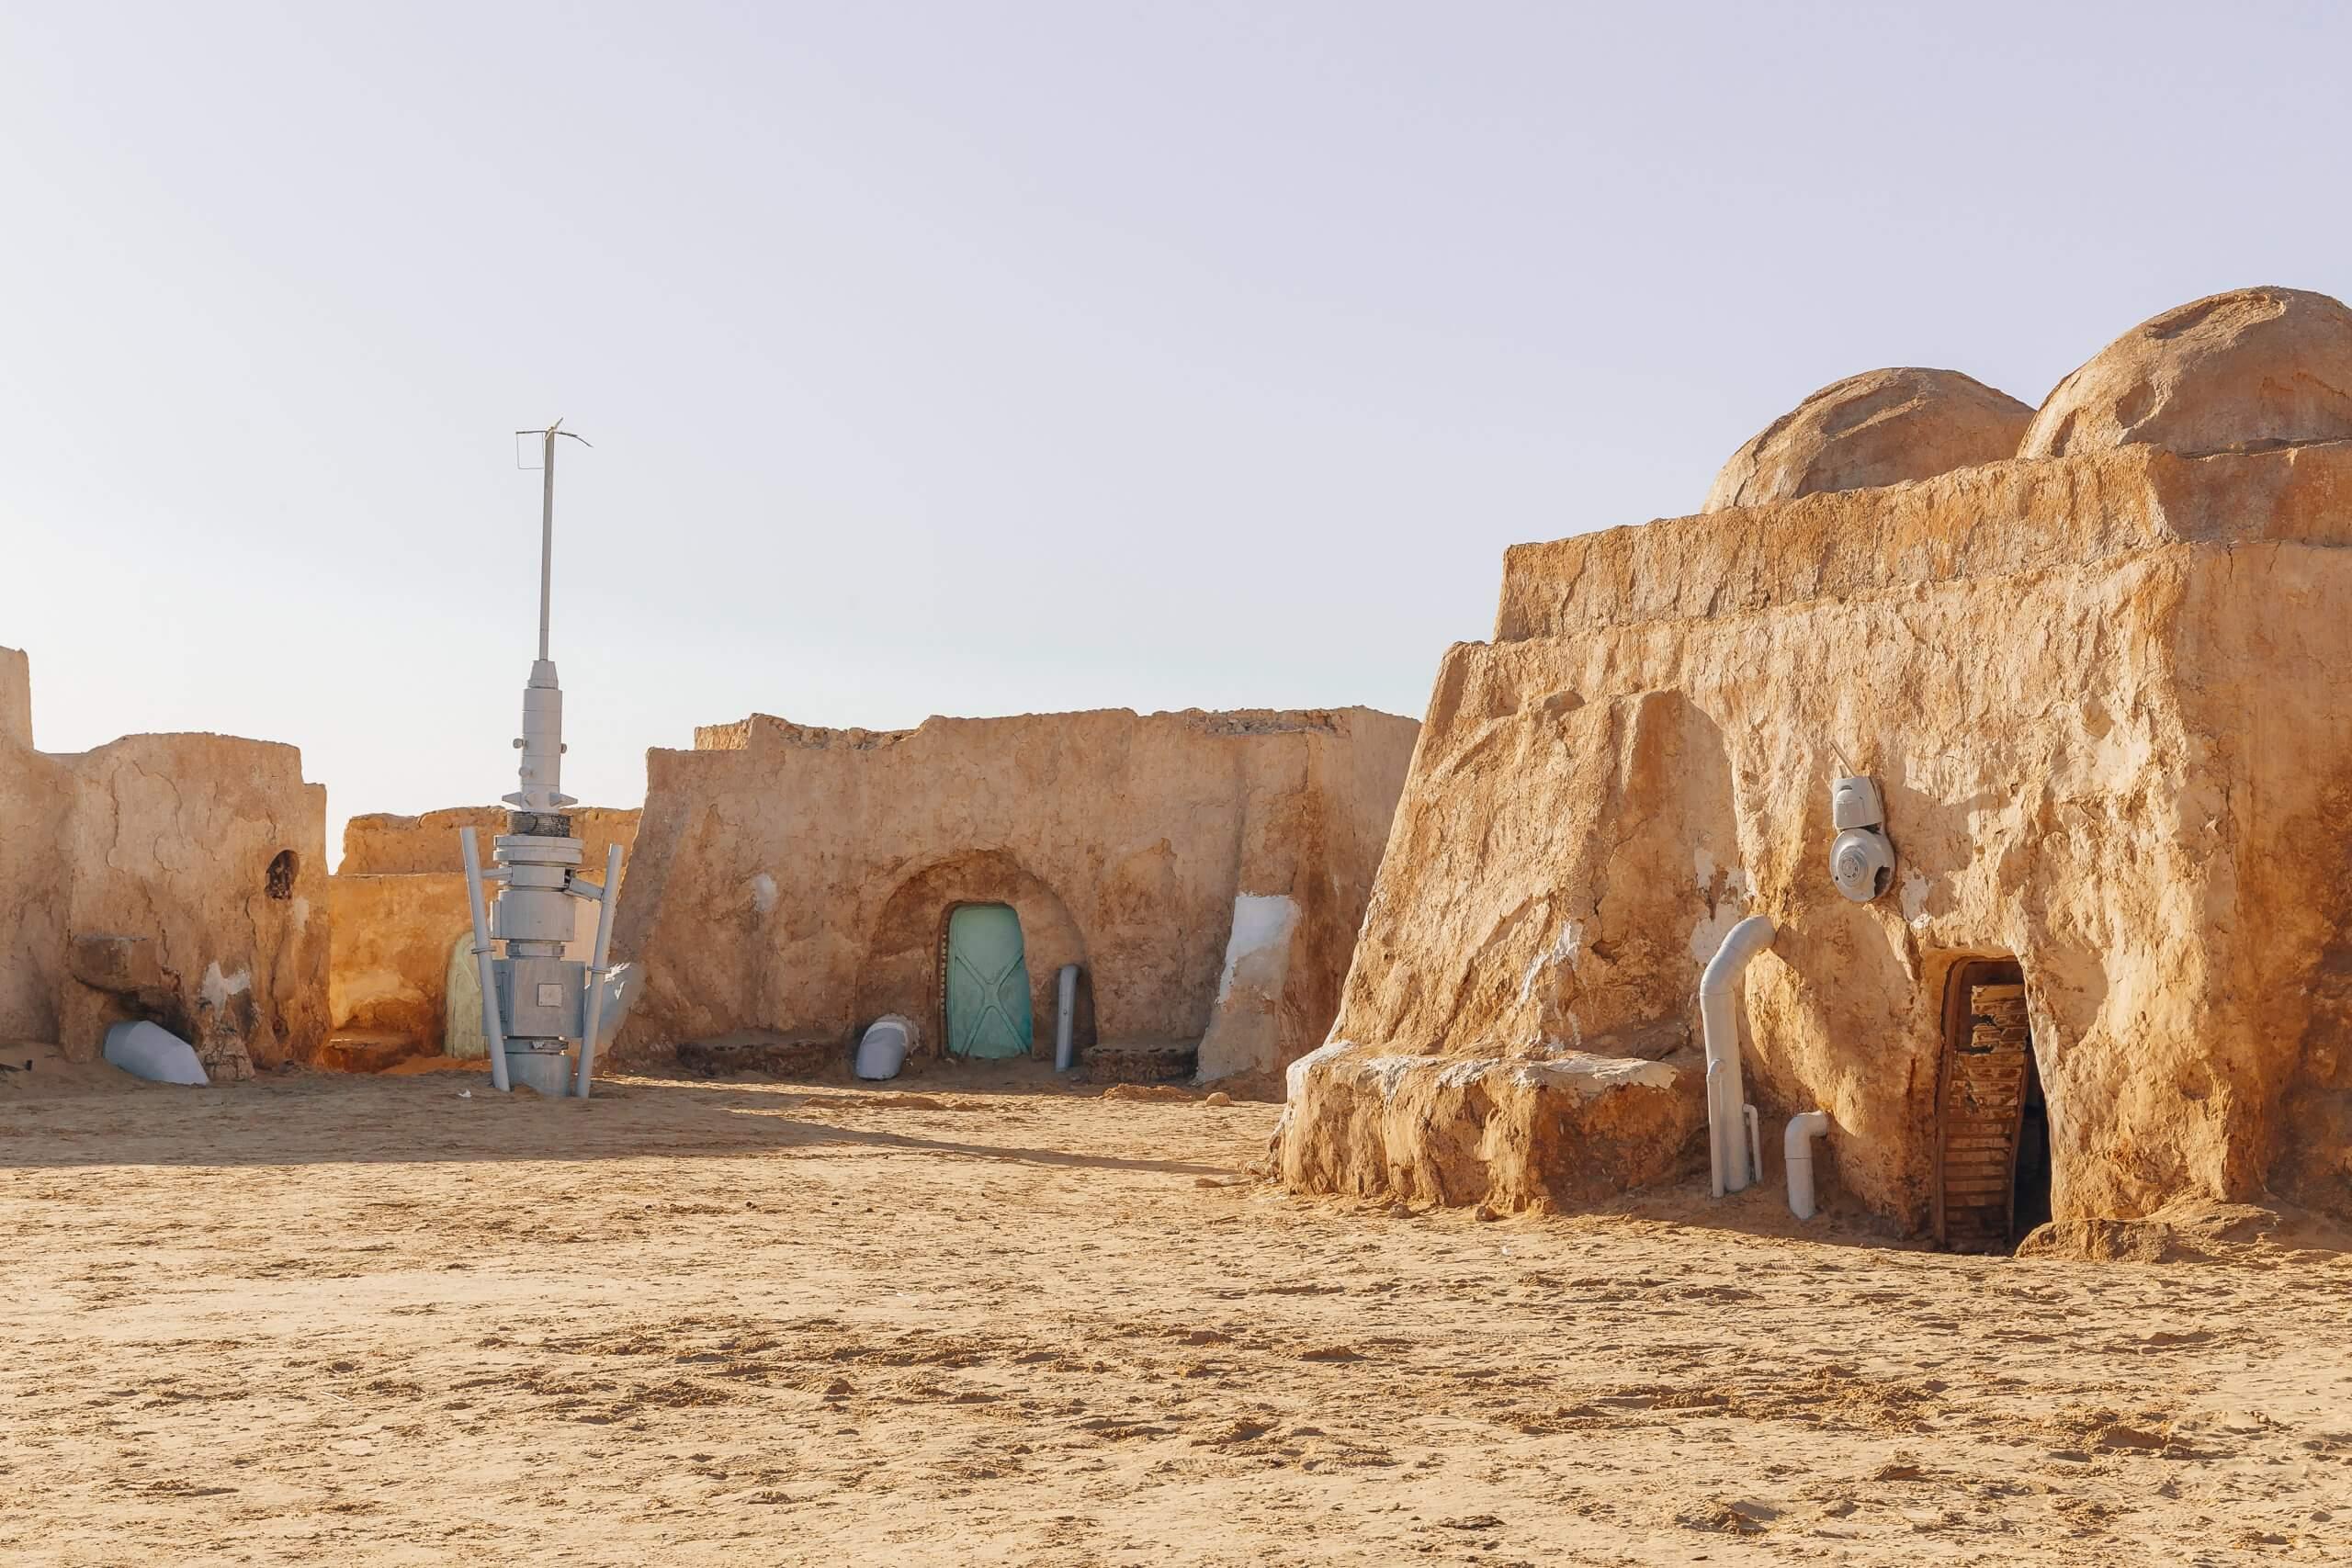 die Stadt Mos Espa aus Star Wars